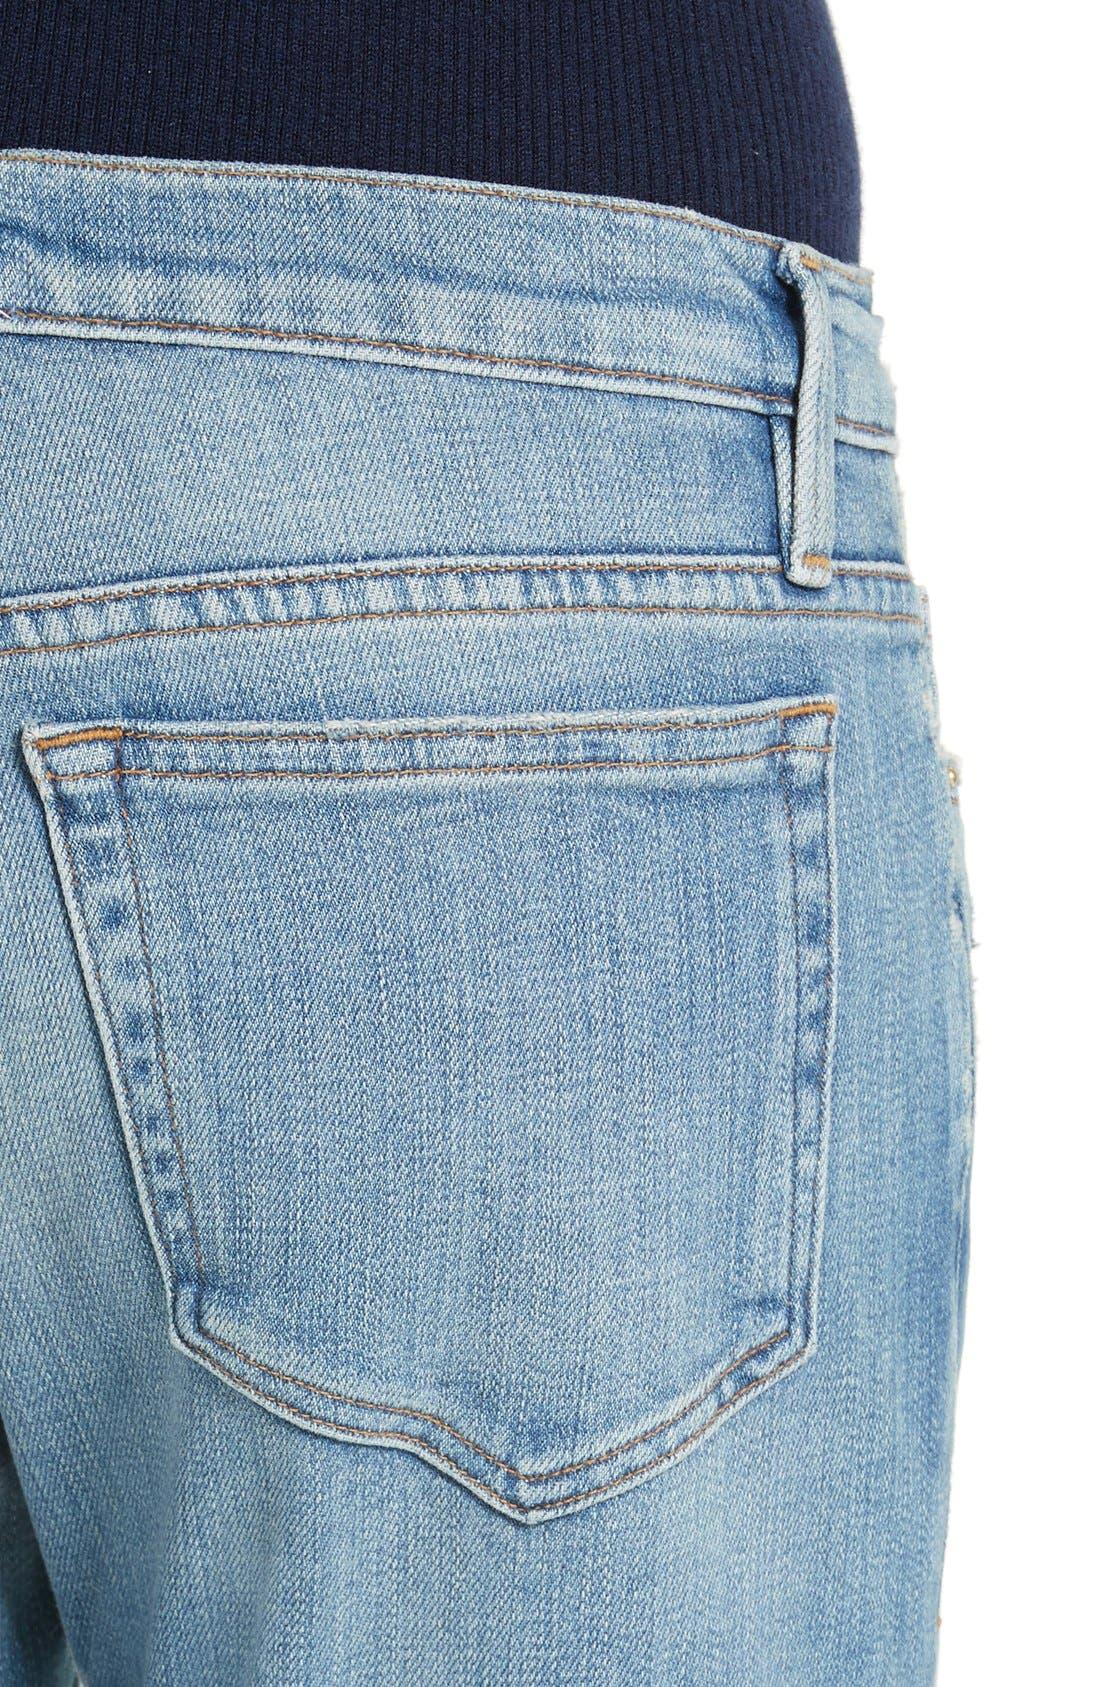 Le Boy Crop Jeans,                             Alternate thumbnail 4, color,                             420